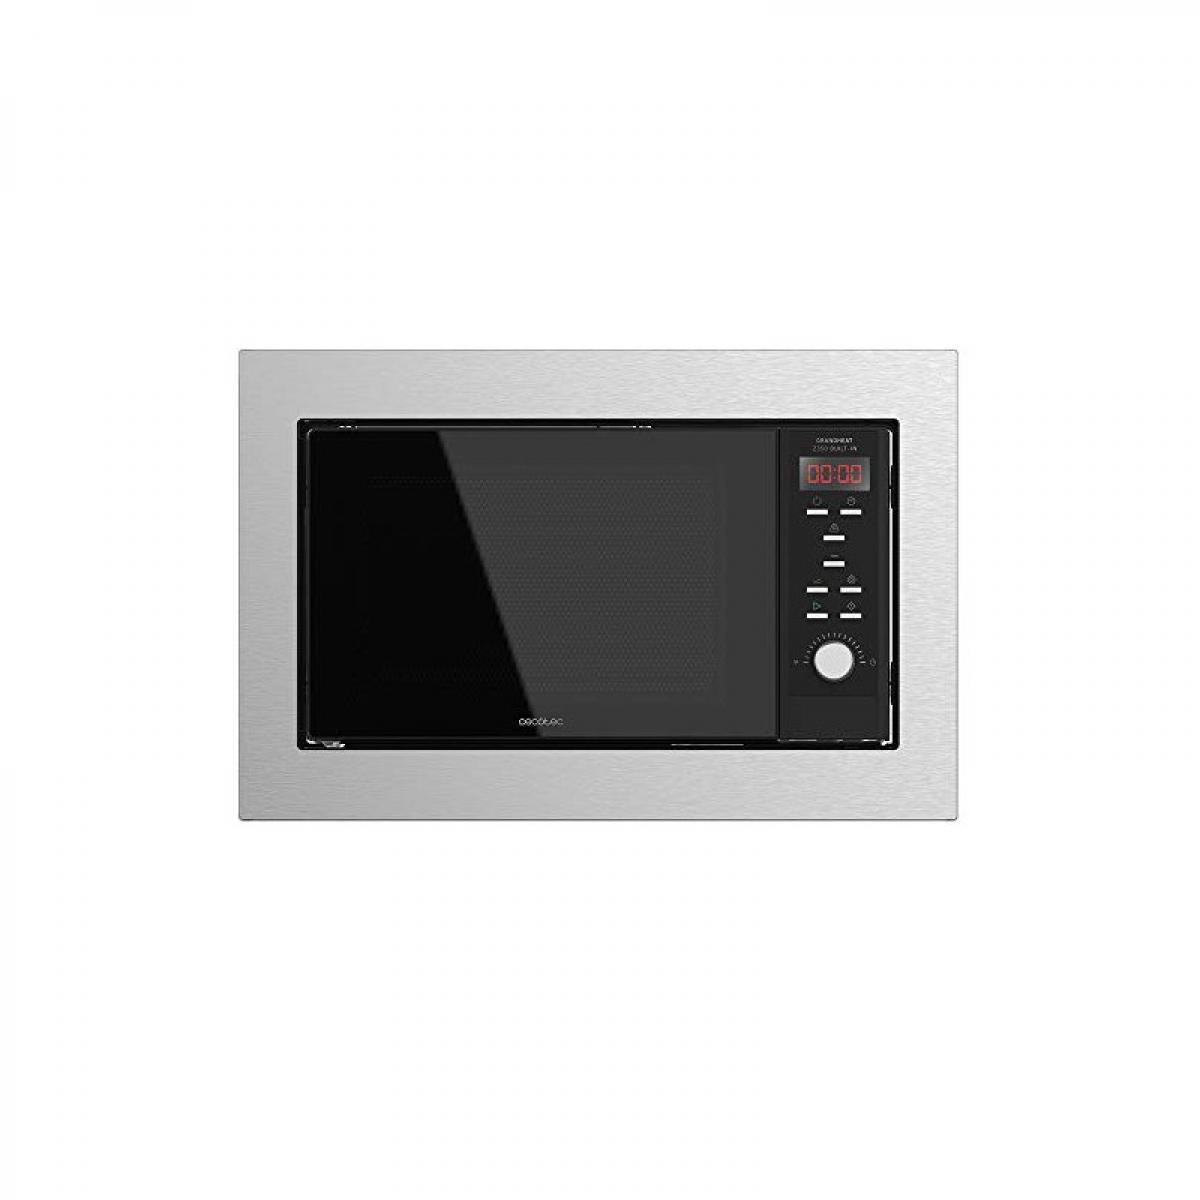 Cecotec Cecotec, Micro-ondes intégré, numérique, GrandHeat 2350 Built in Steel black, avec 23 L de capacité, gril et 900 W de pu